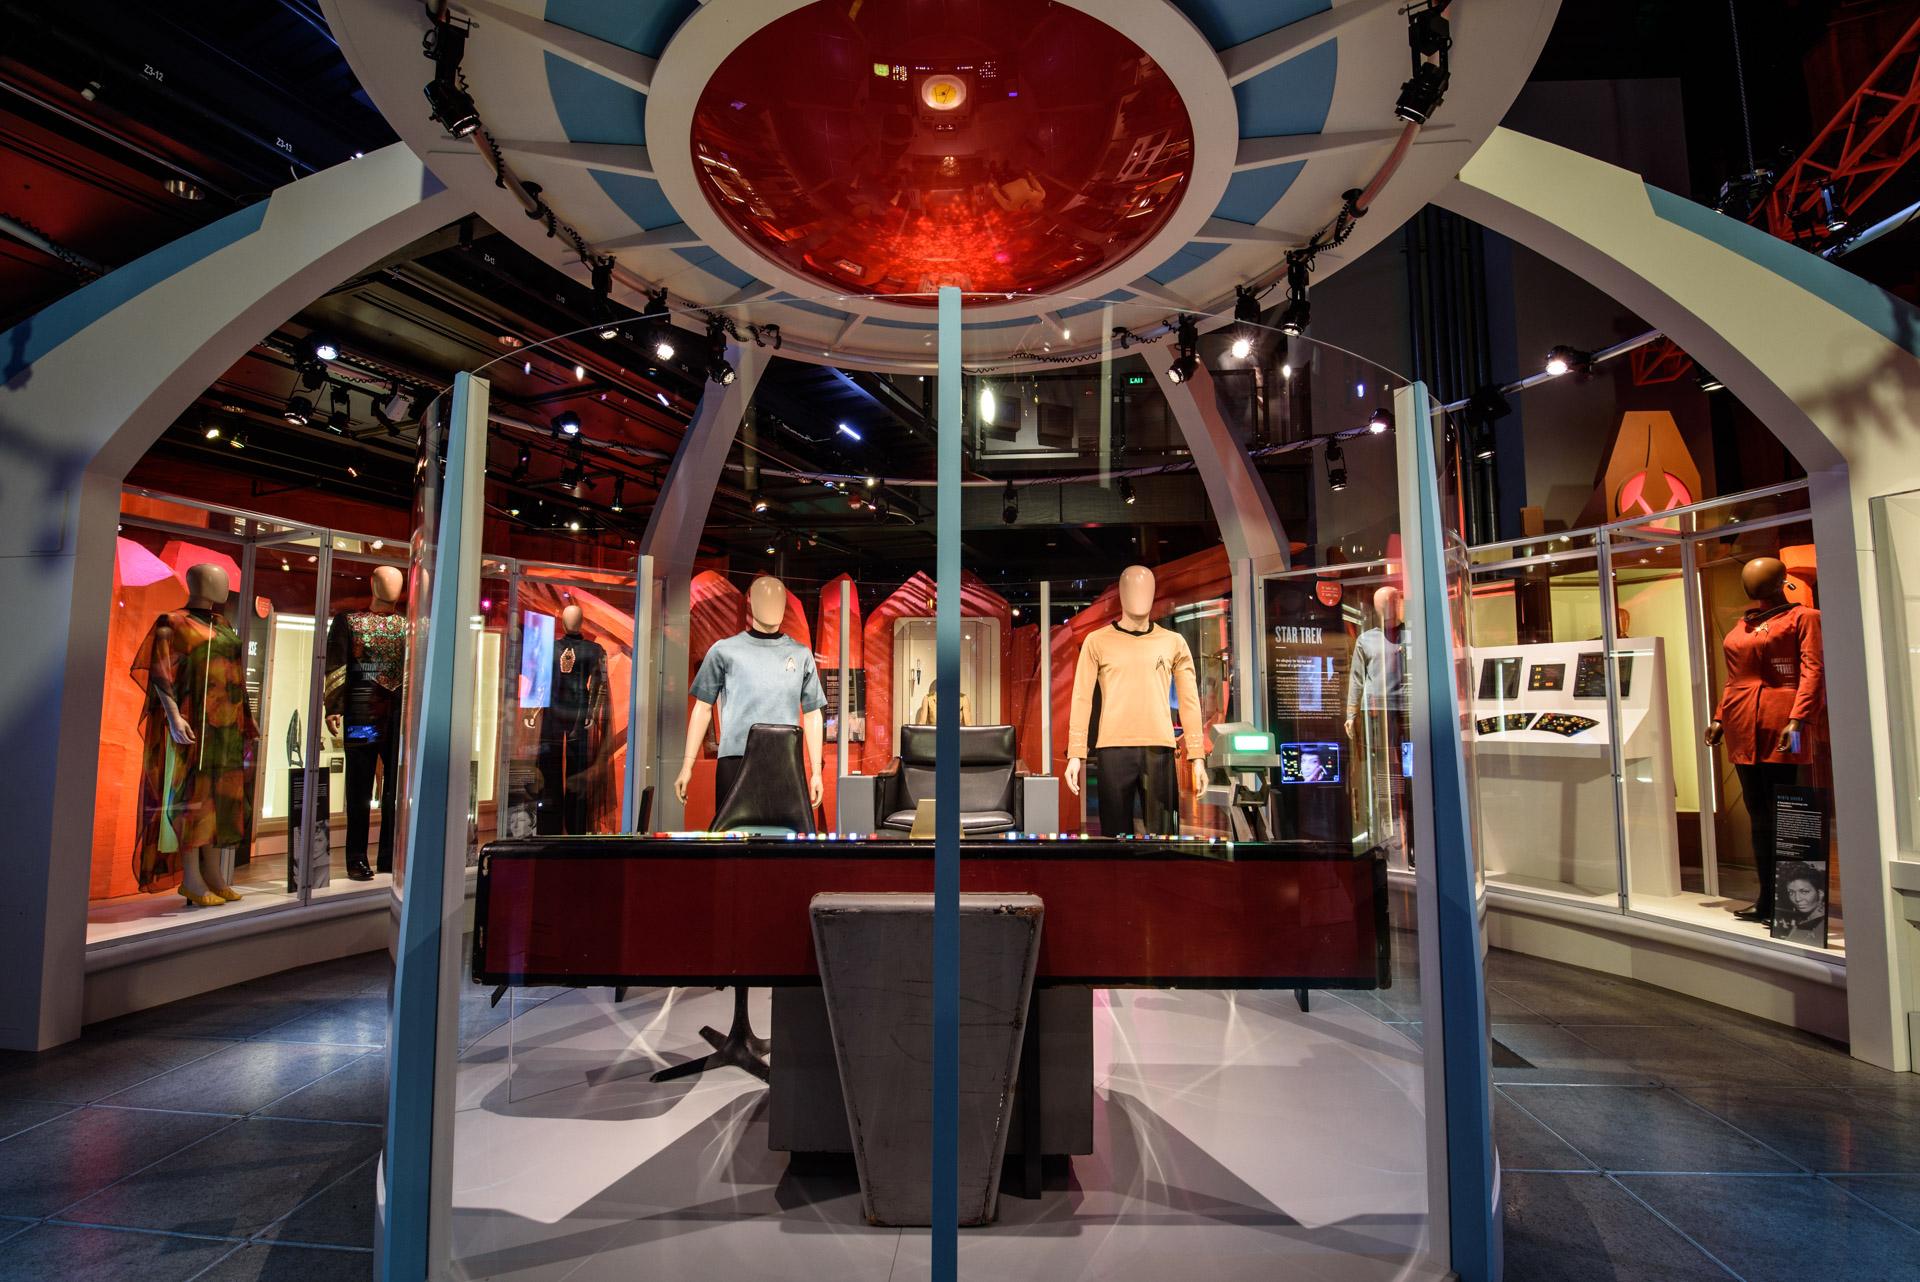 Photos: Warp Speed Through 'Star Trek's' 50 Years in Seattle Museum Exhibit